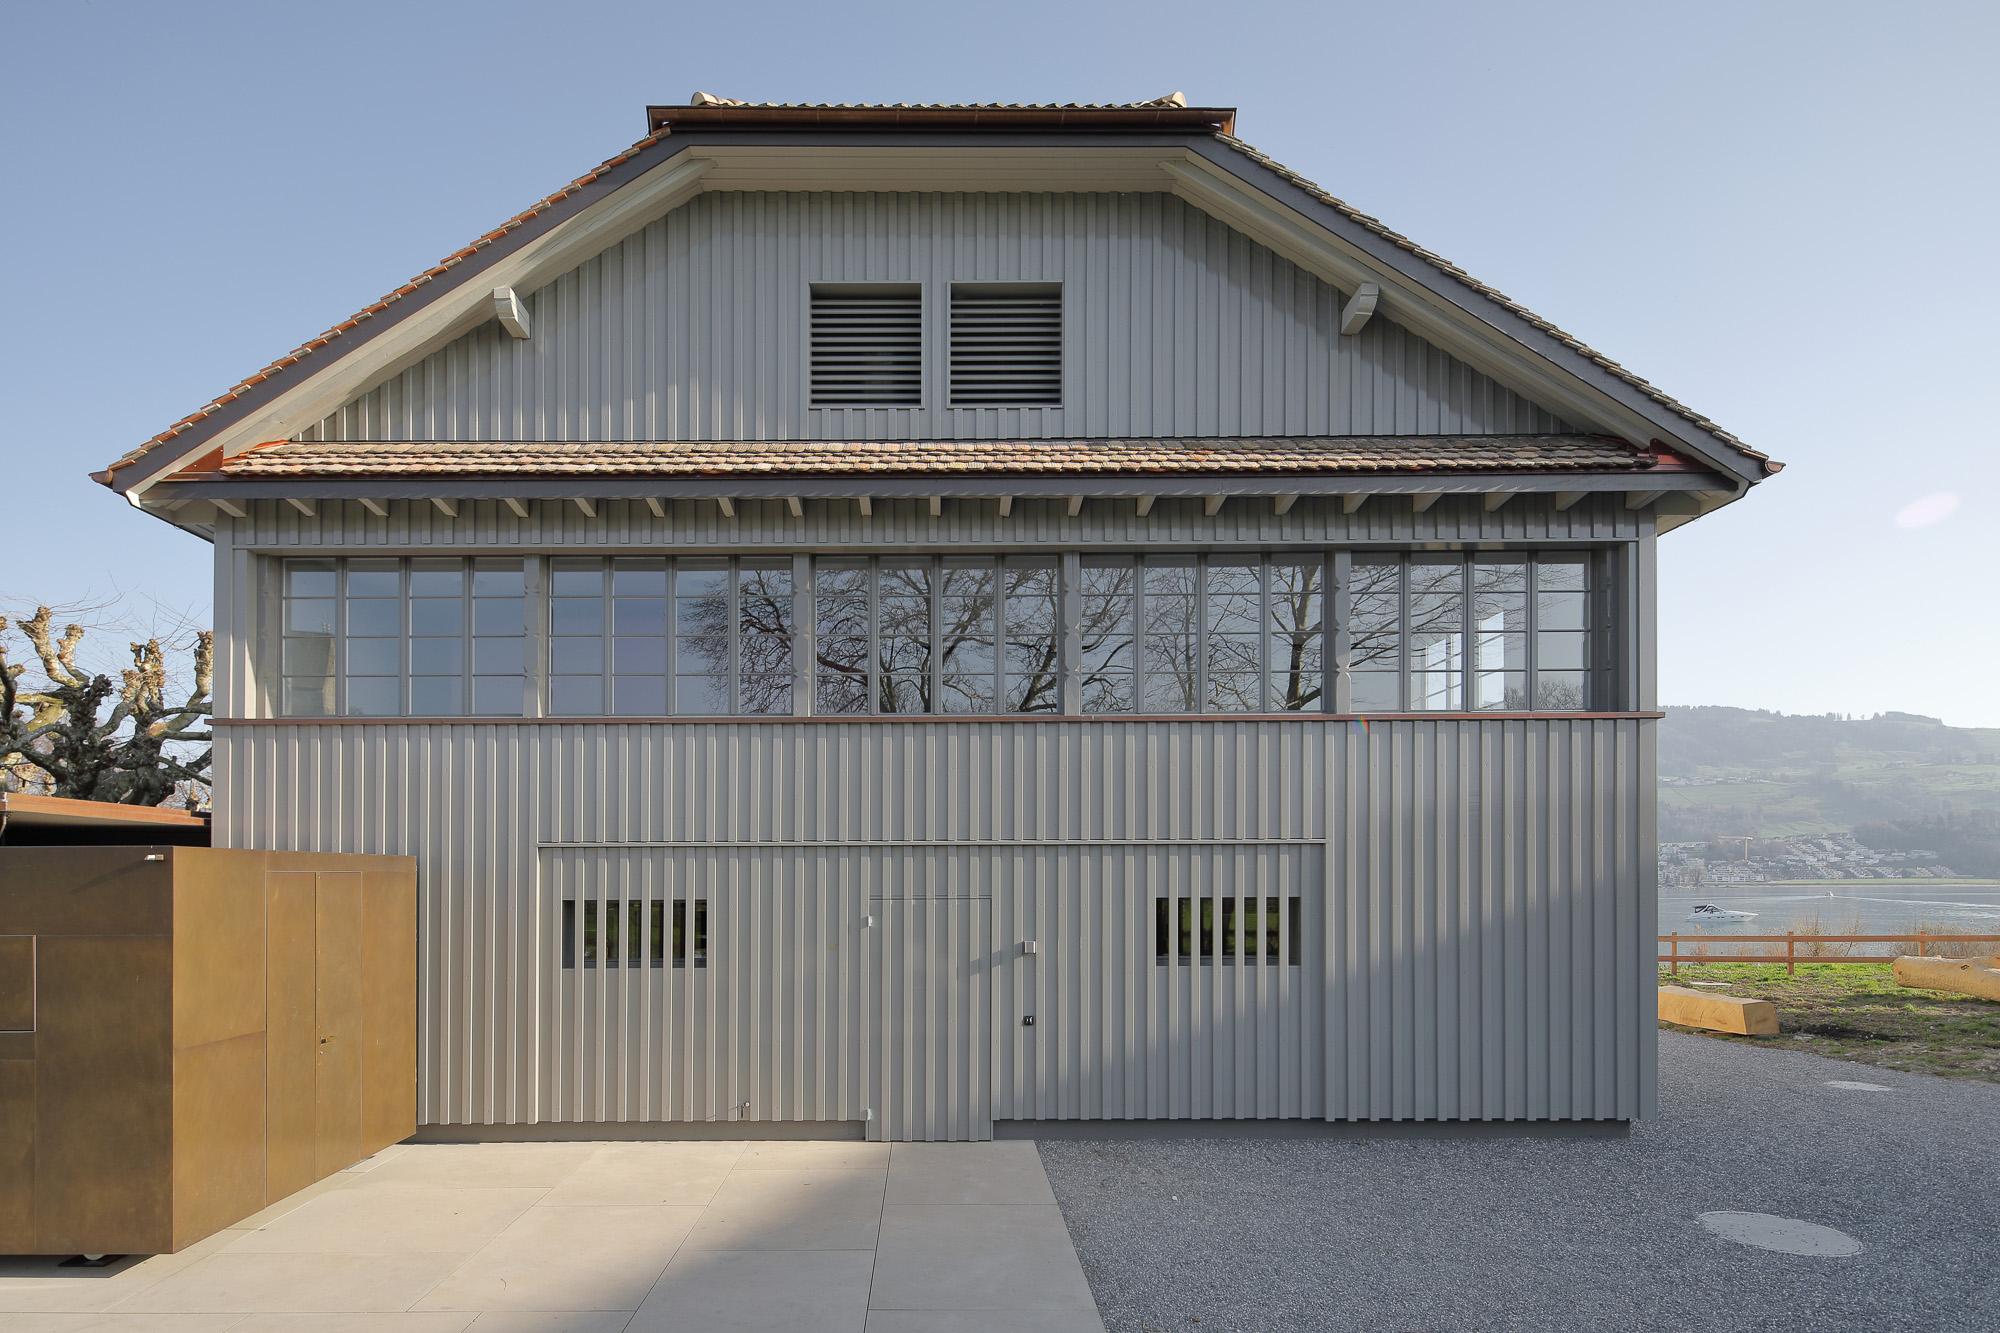 hausenbaur - dächer / fassaden